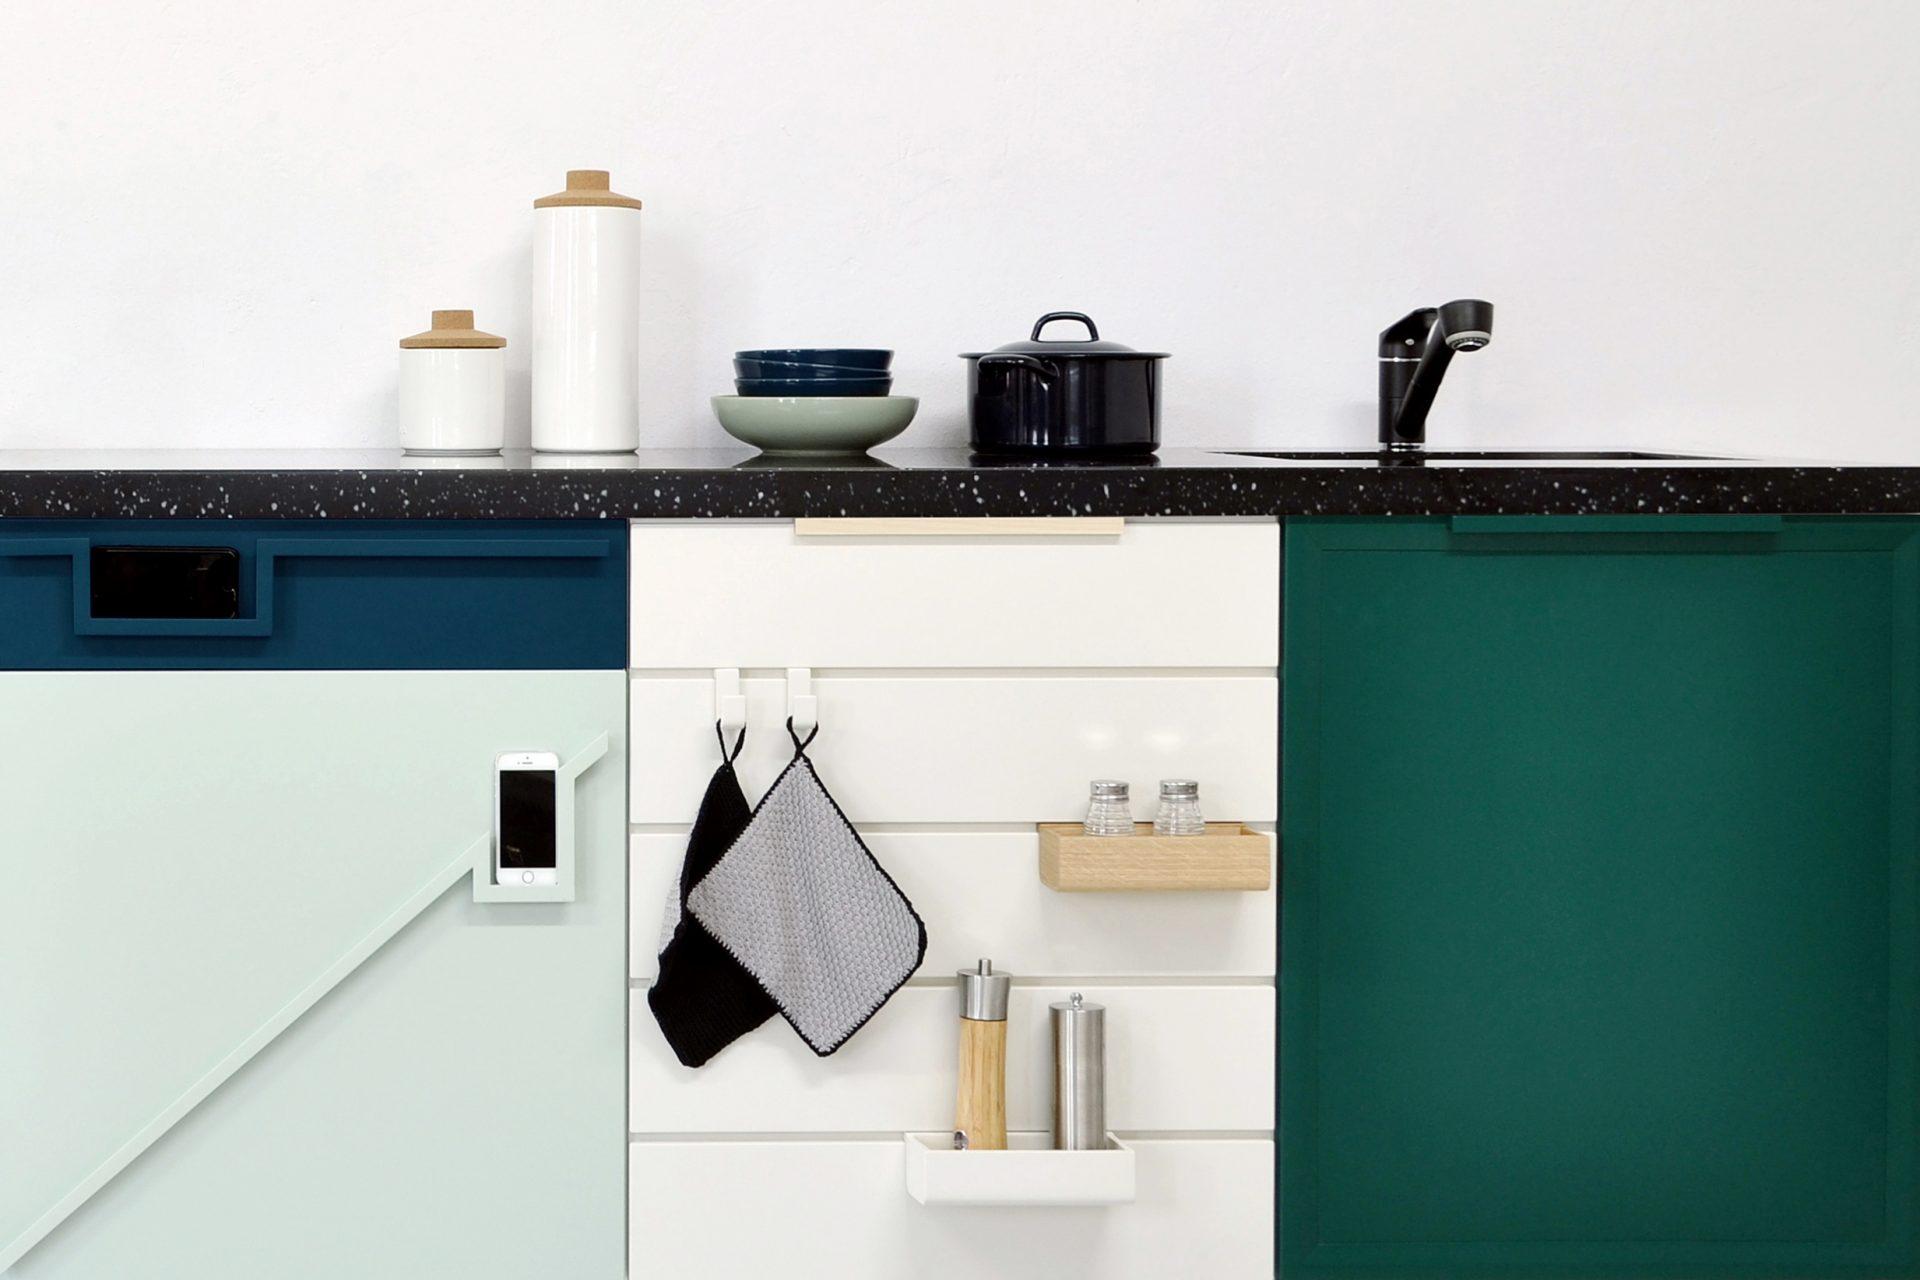 ekierki_marko_kitchen_designalive-7